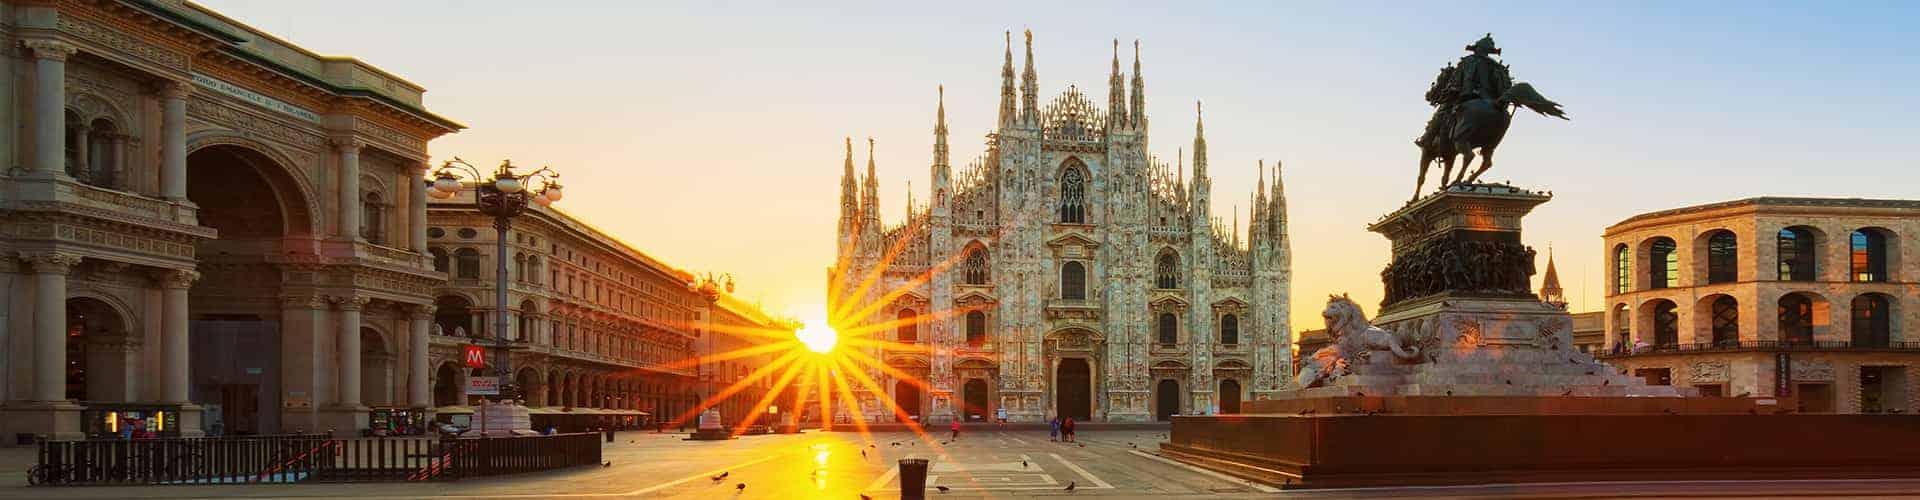 Free Tour Milan - Turismo de Italia